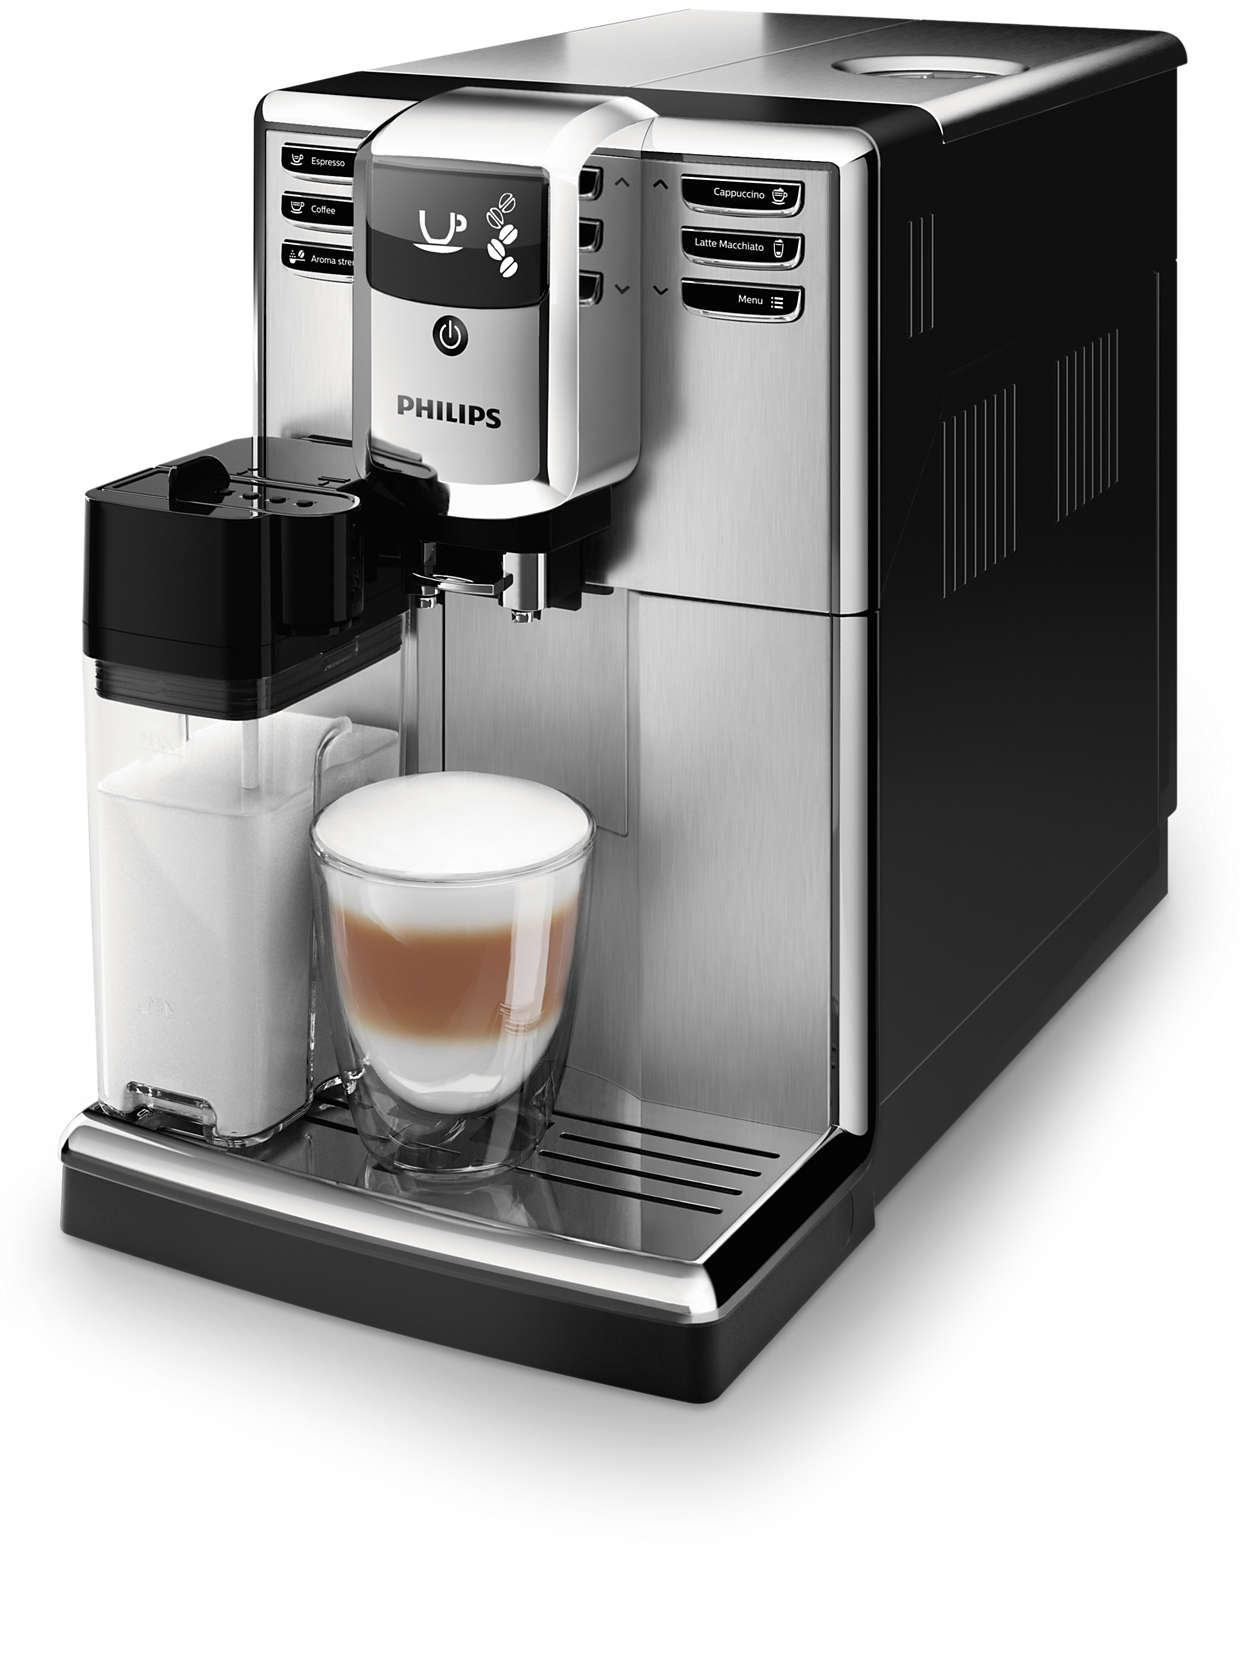 Eenvoudig 5 koffievarianten zetten van verse bonen